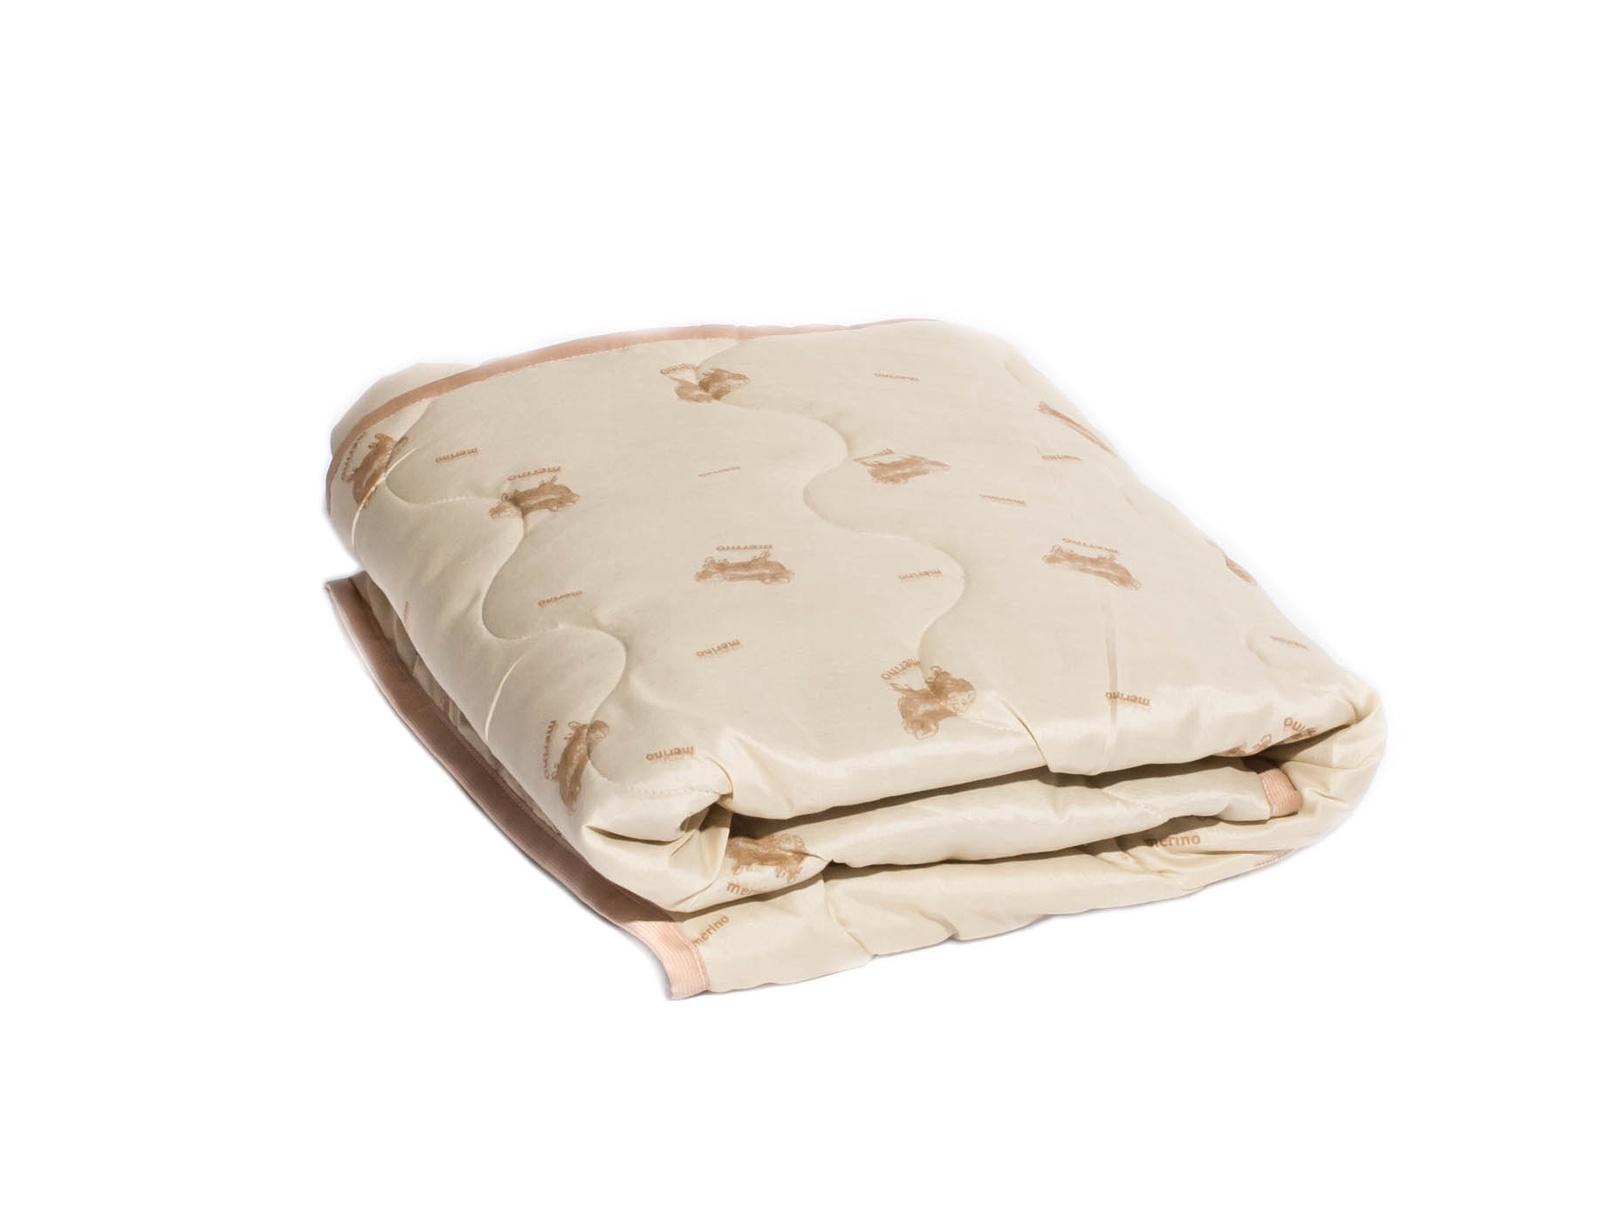 Одеяло детское Dream time, ДТ-МБ-Д-О-Ч-10, 140х105 см одеяло silver collection cashmere wool deluxe легкое 200х205 см